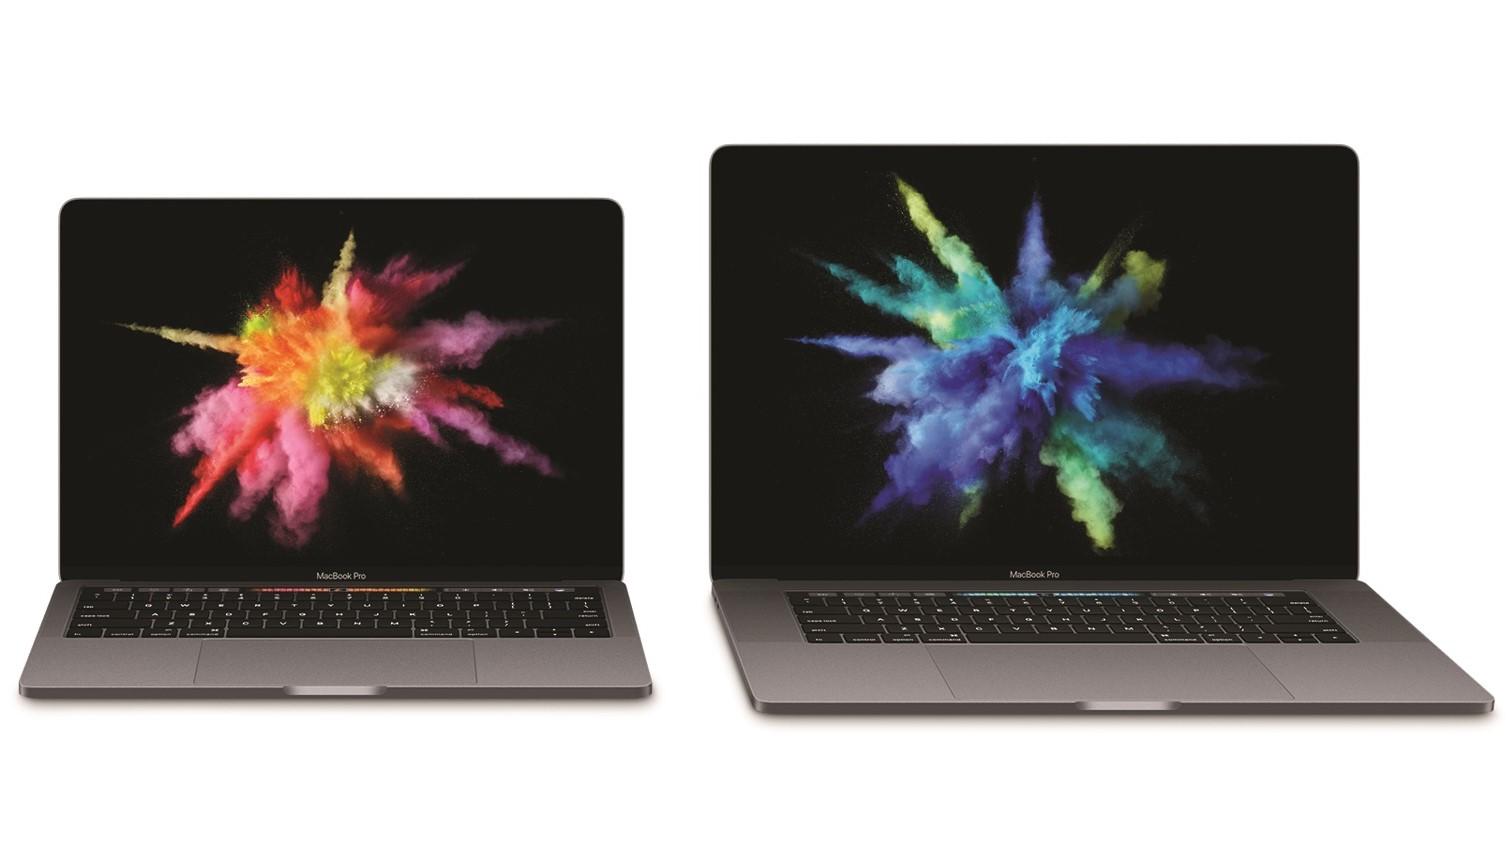 Den nye MacBook Pro får stort sett god kritikk, men det stilles spørsmål med ting som ytelse og batteri.